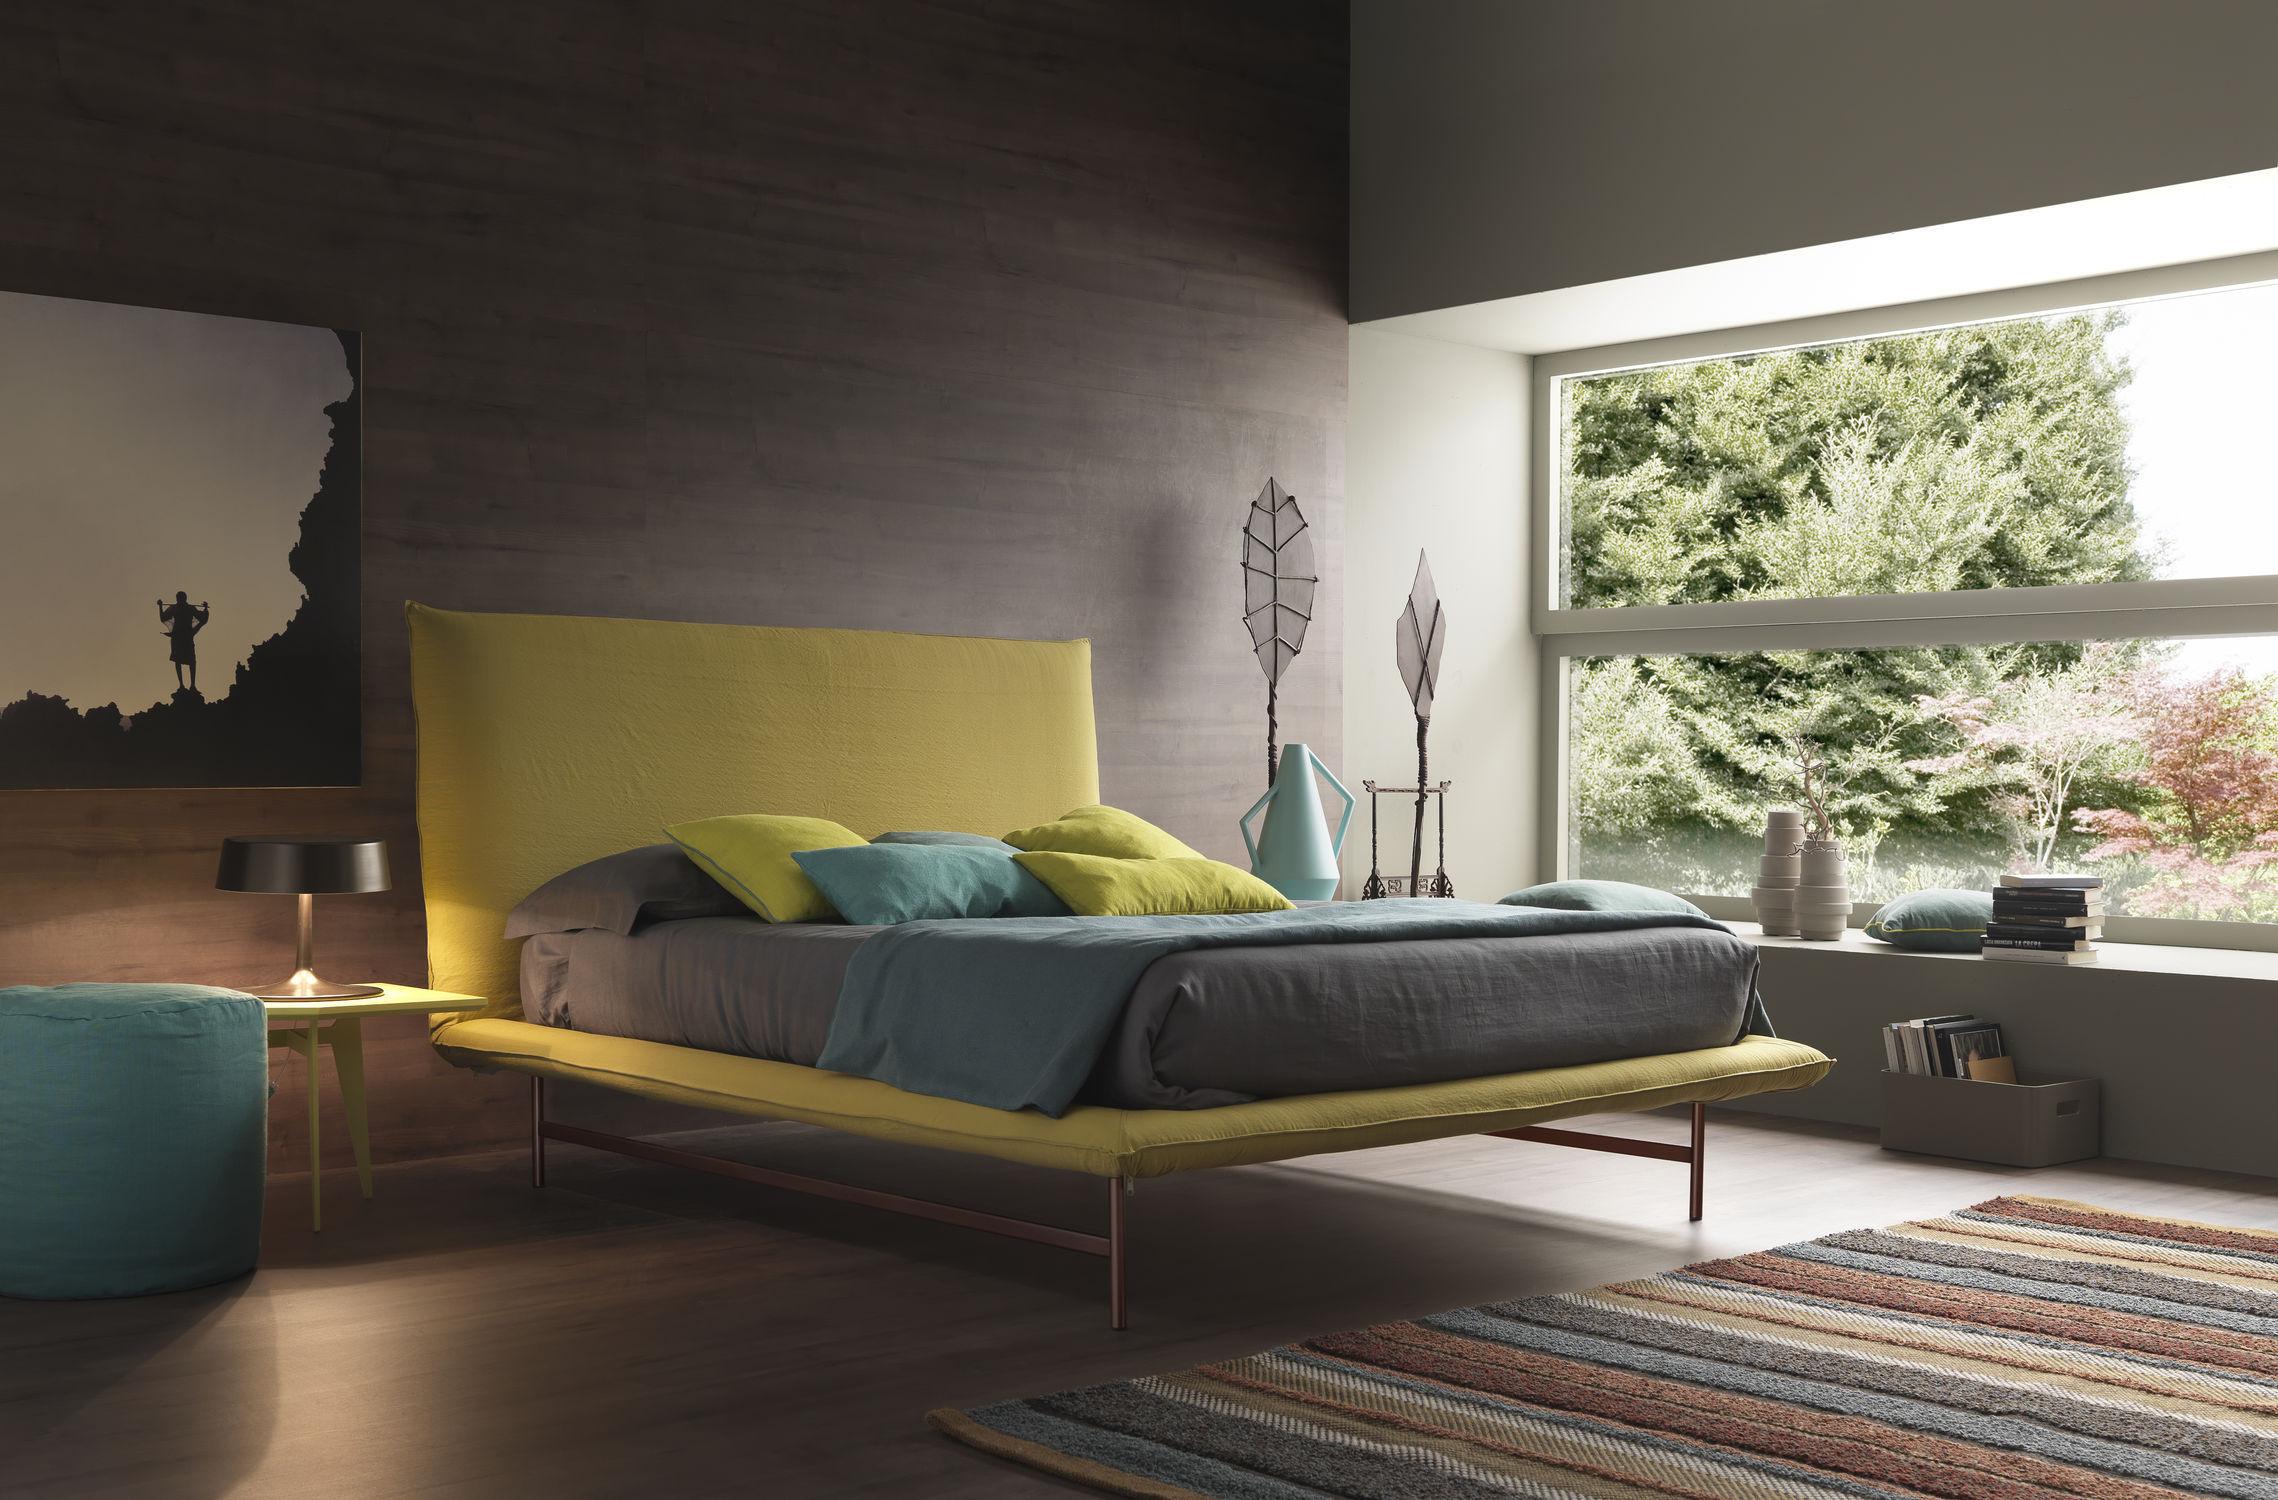 formidabel-simple-moderne-værelses-design-med-ekstra-luksus-hjem-interiør-design-med-simpel-moderne-værelses-design